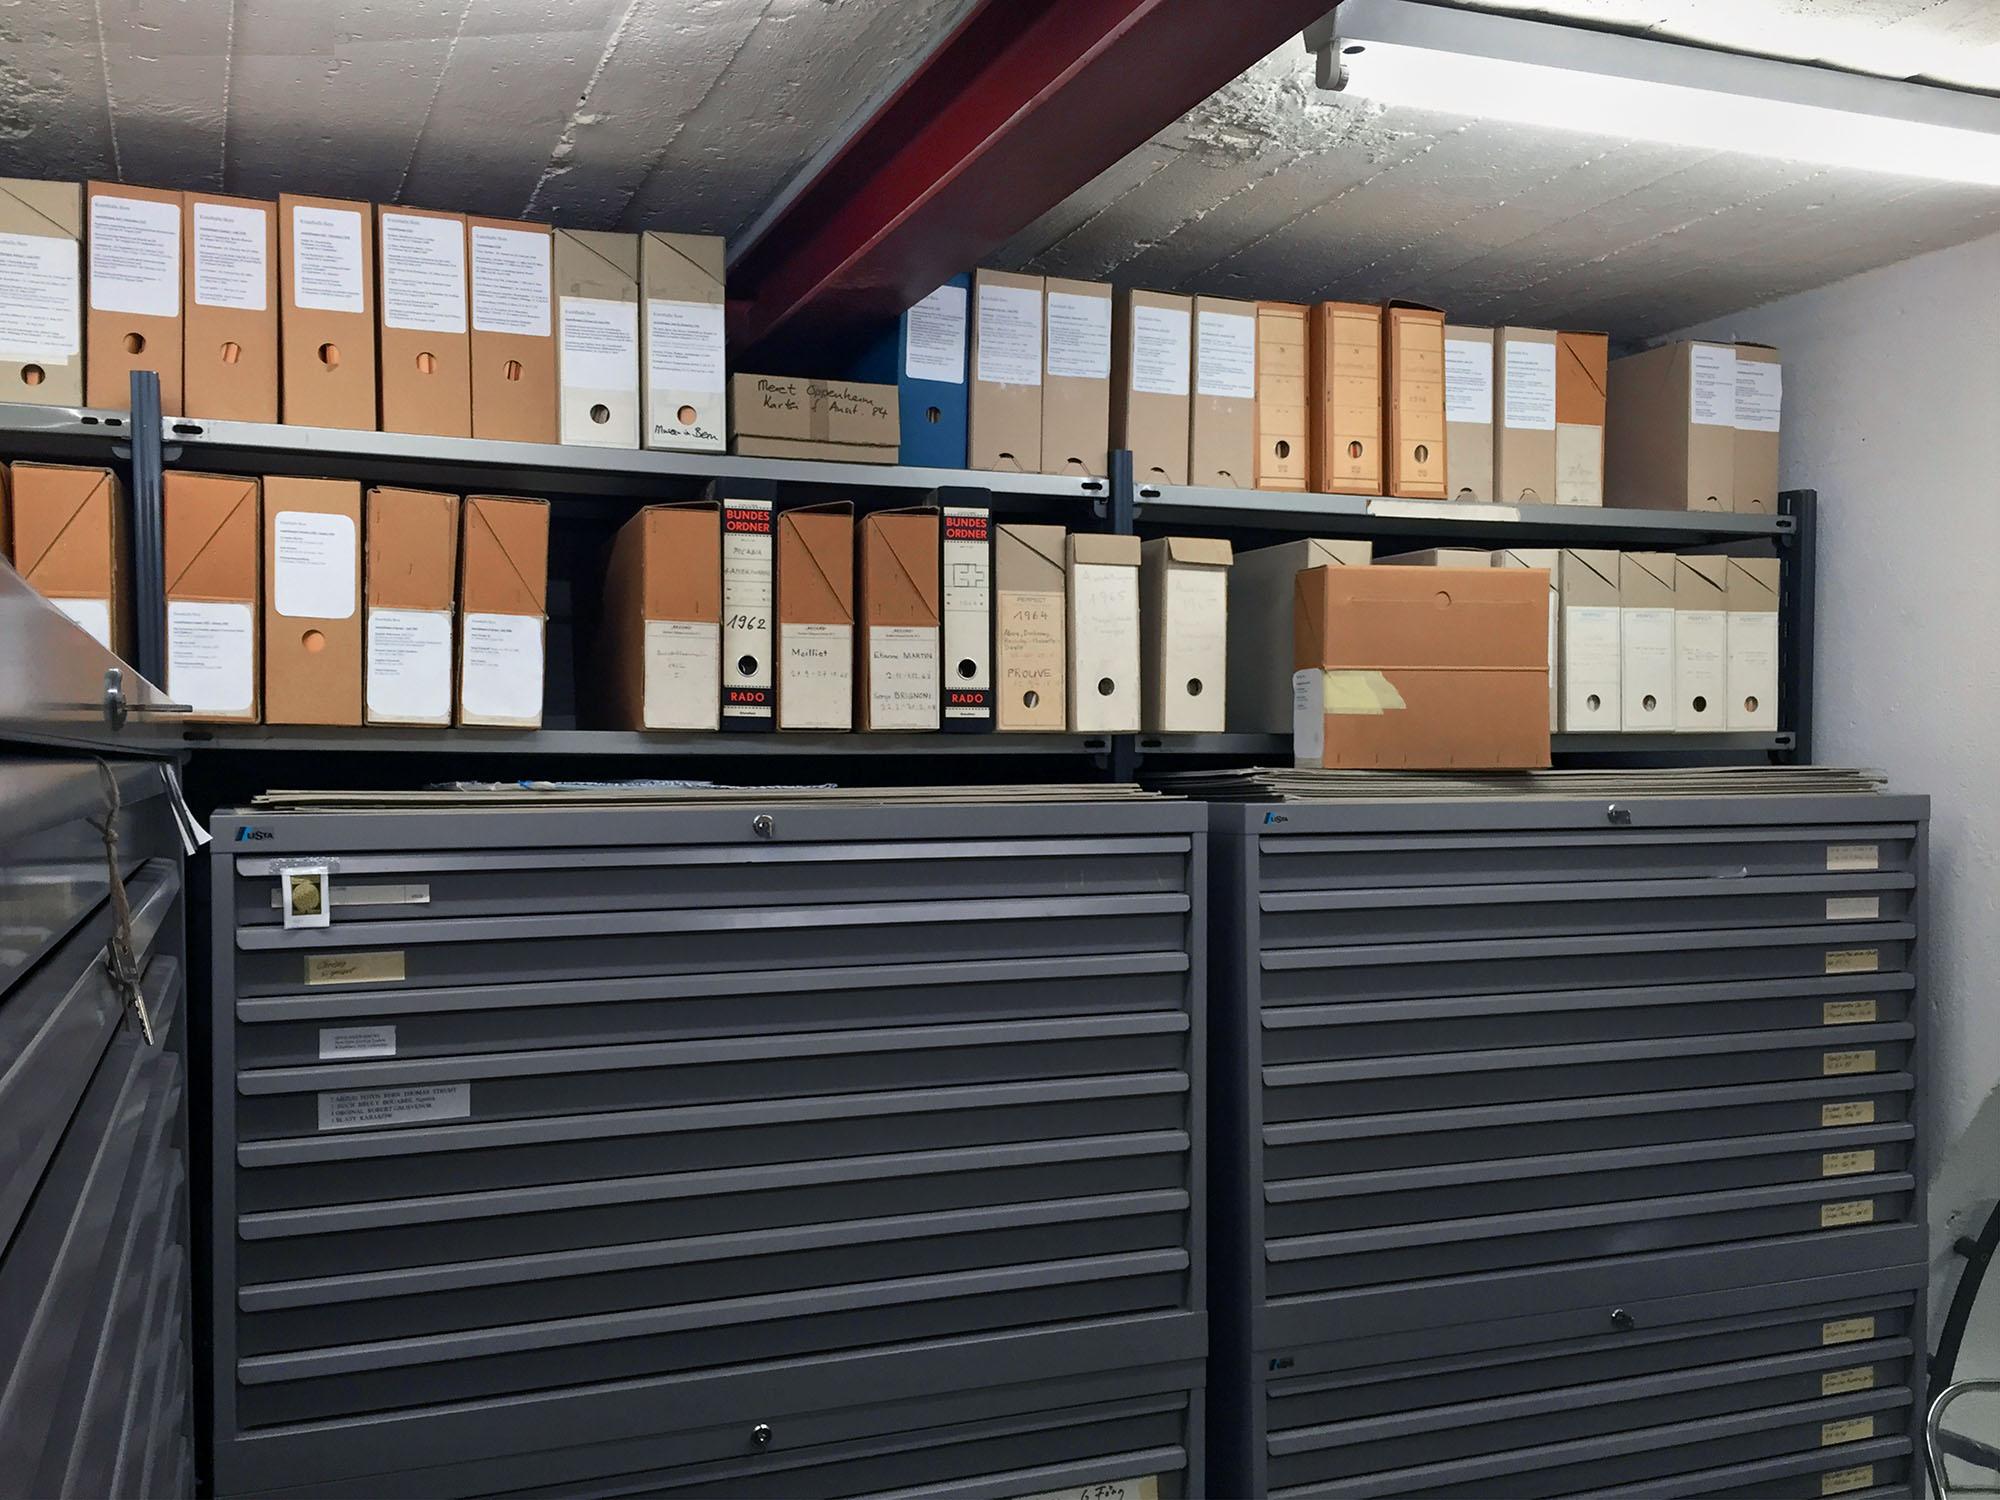 kunsthalle-berne-archives